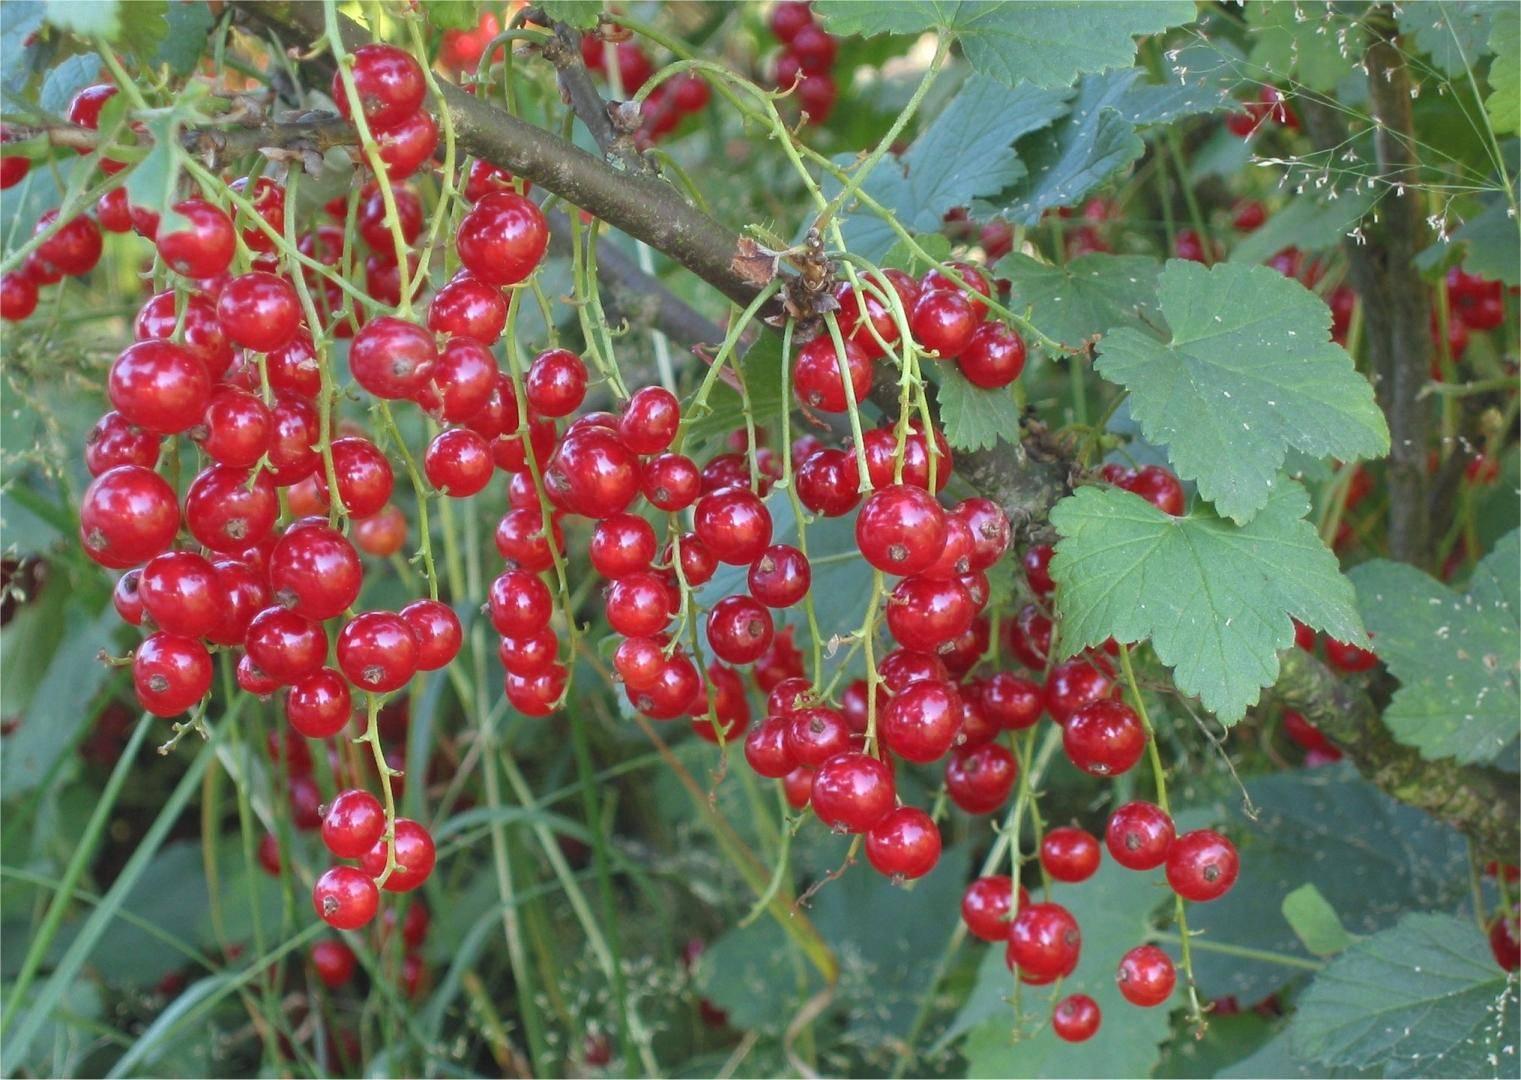 Красная смородина ранняя сладкая - обильный урожай в начале лета